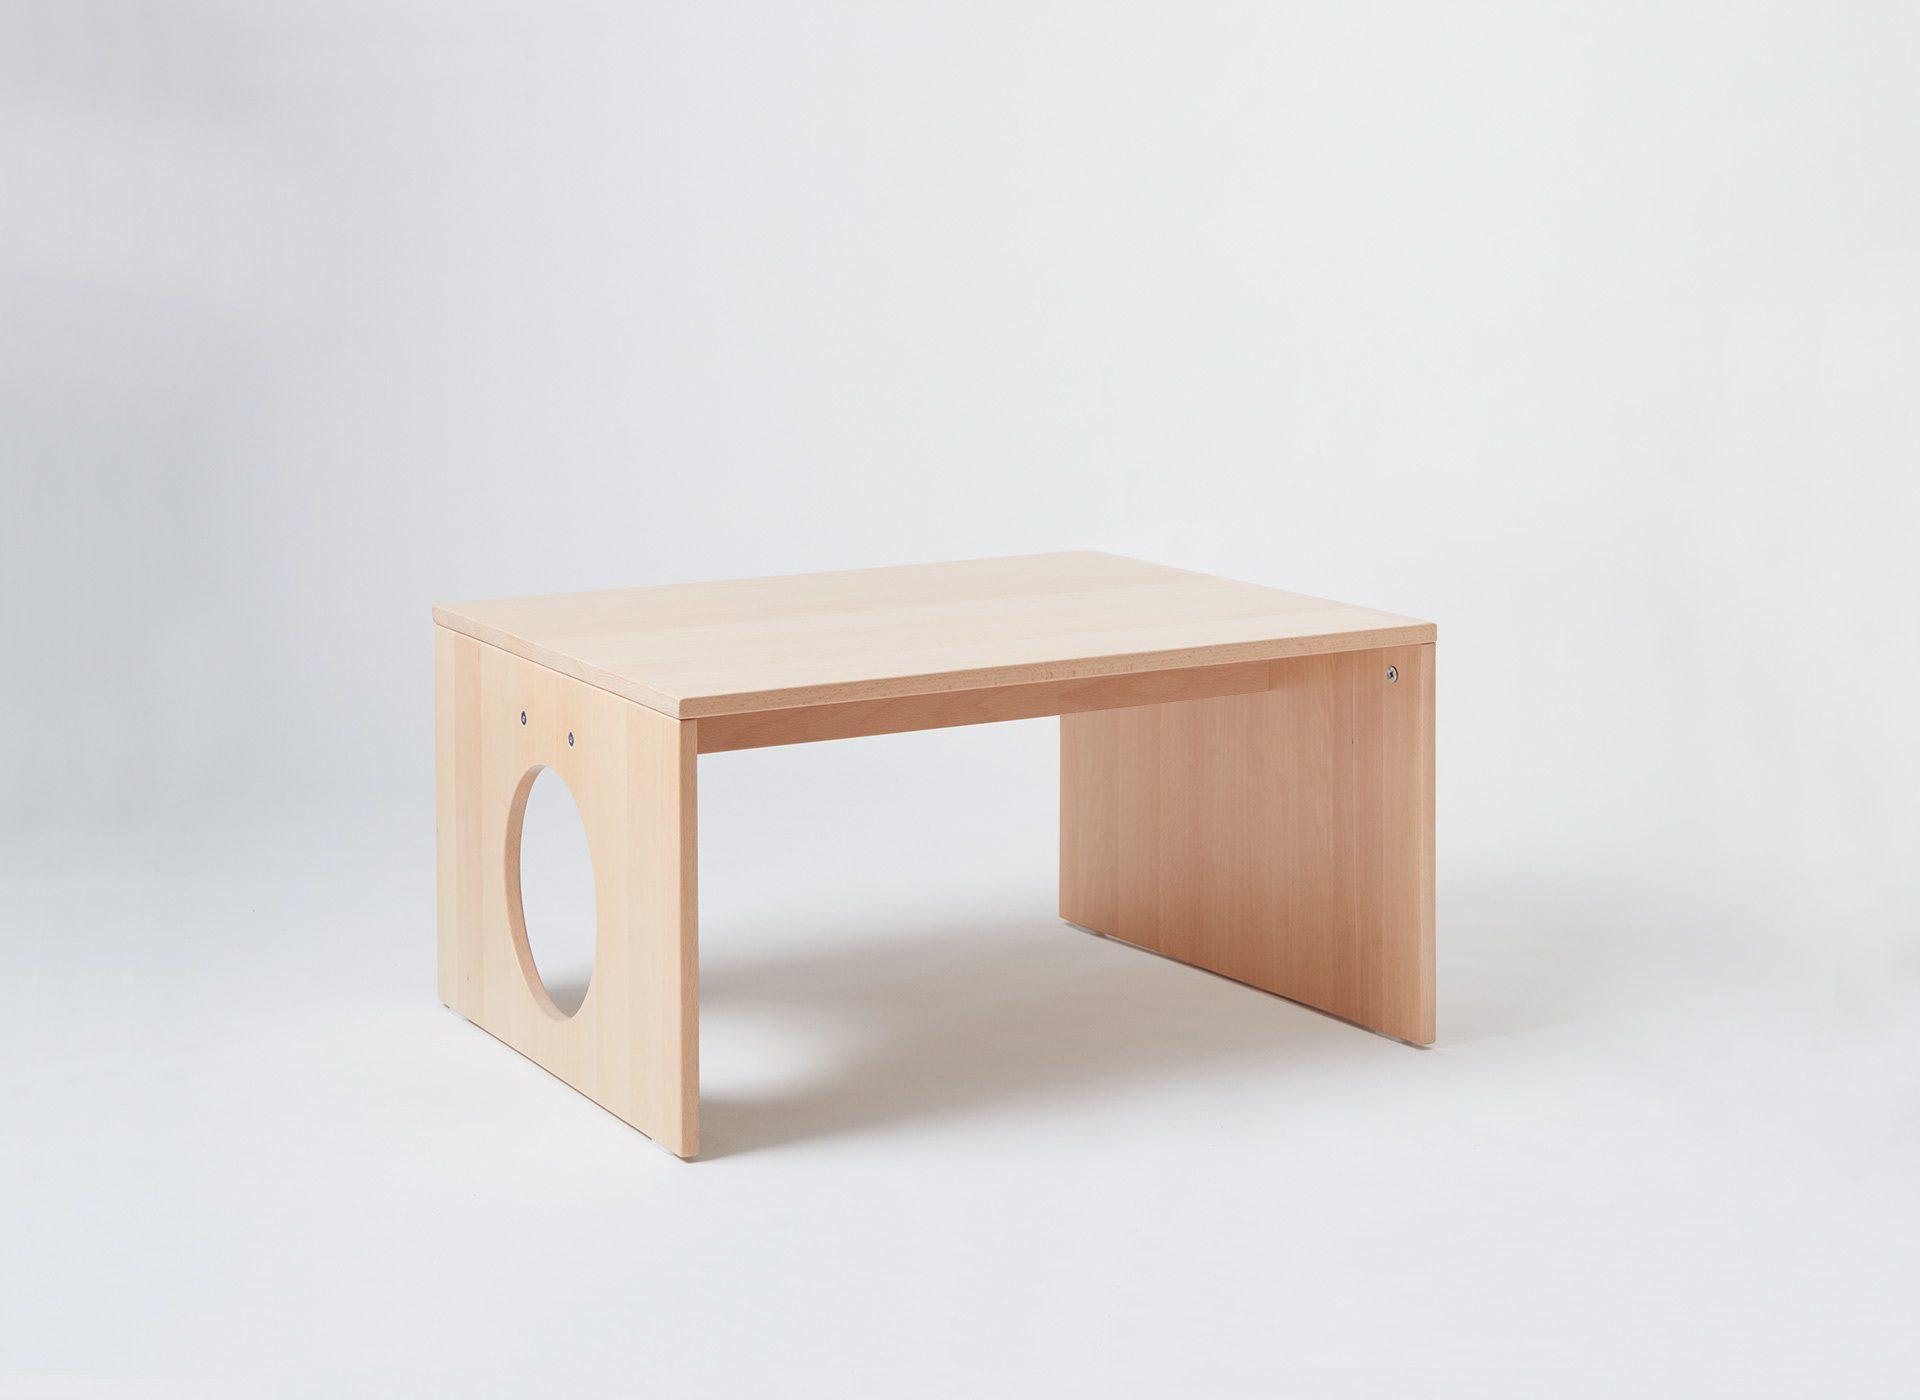 papoq-spieltisch-kinder-tisch-klein-4er-01